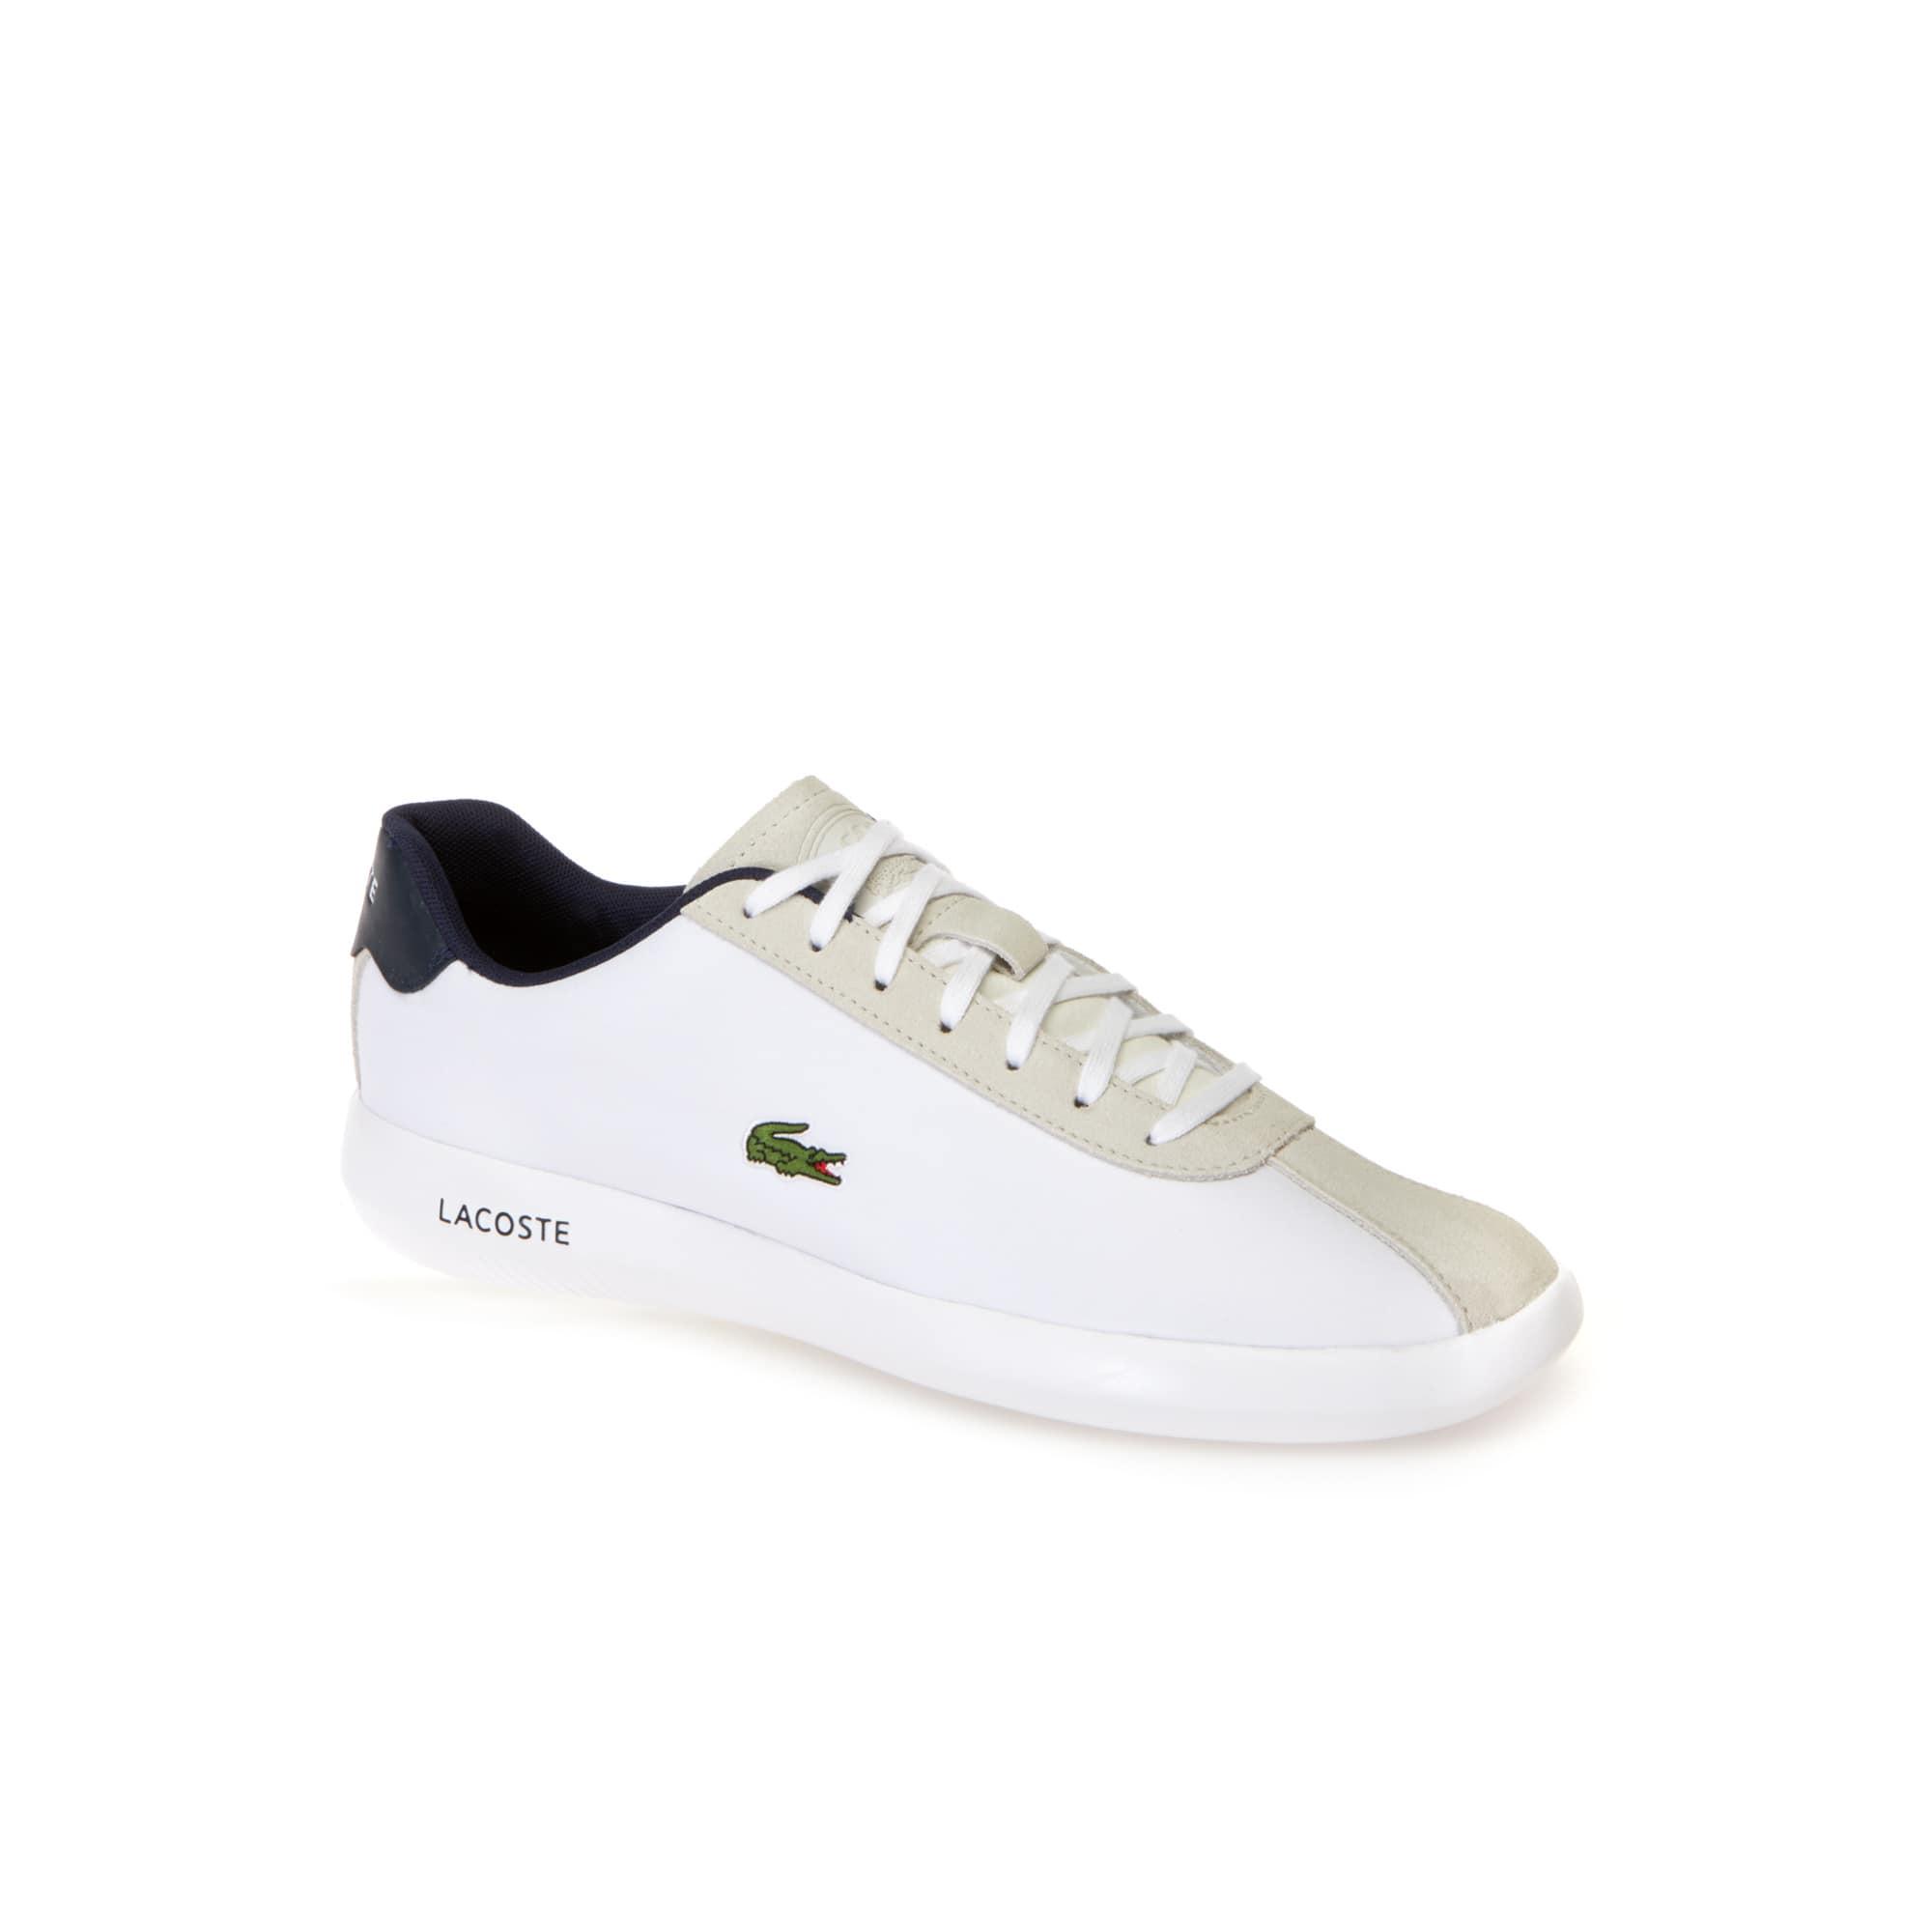 Herren-Sneakers AVANCE aus Nylon und Veloursleder